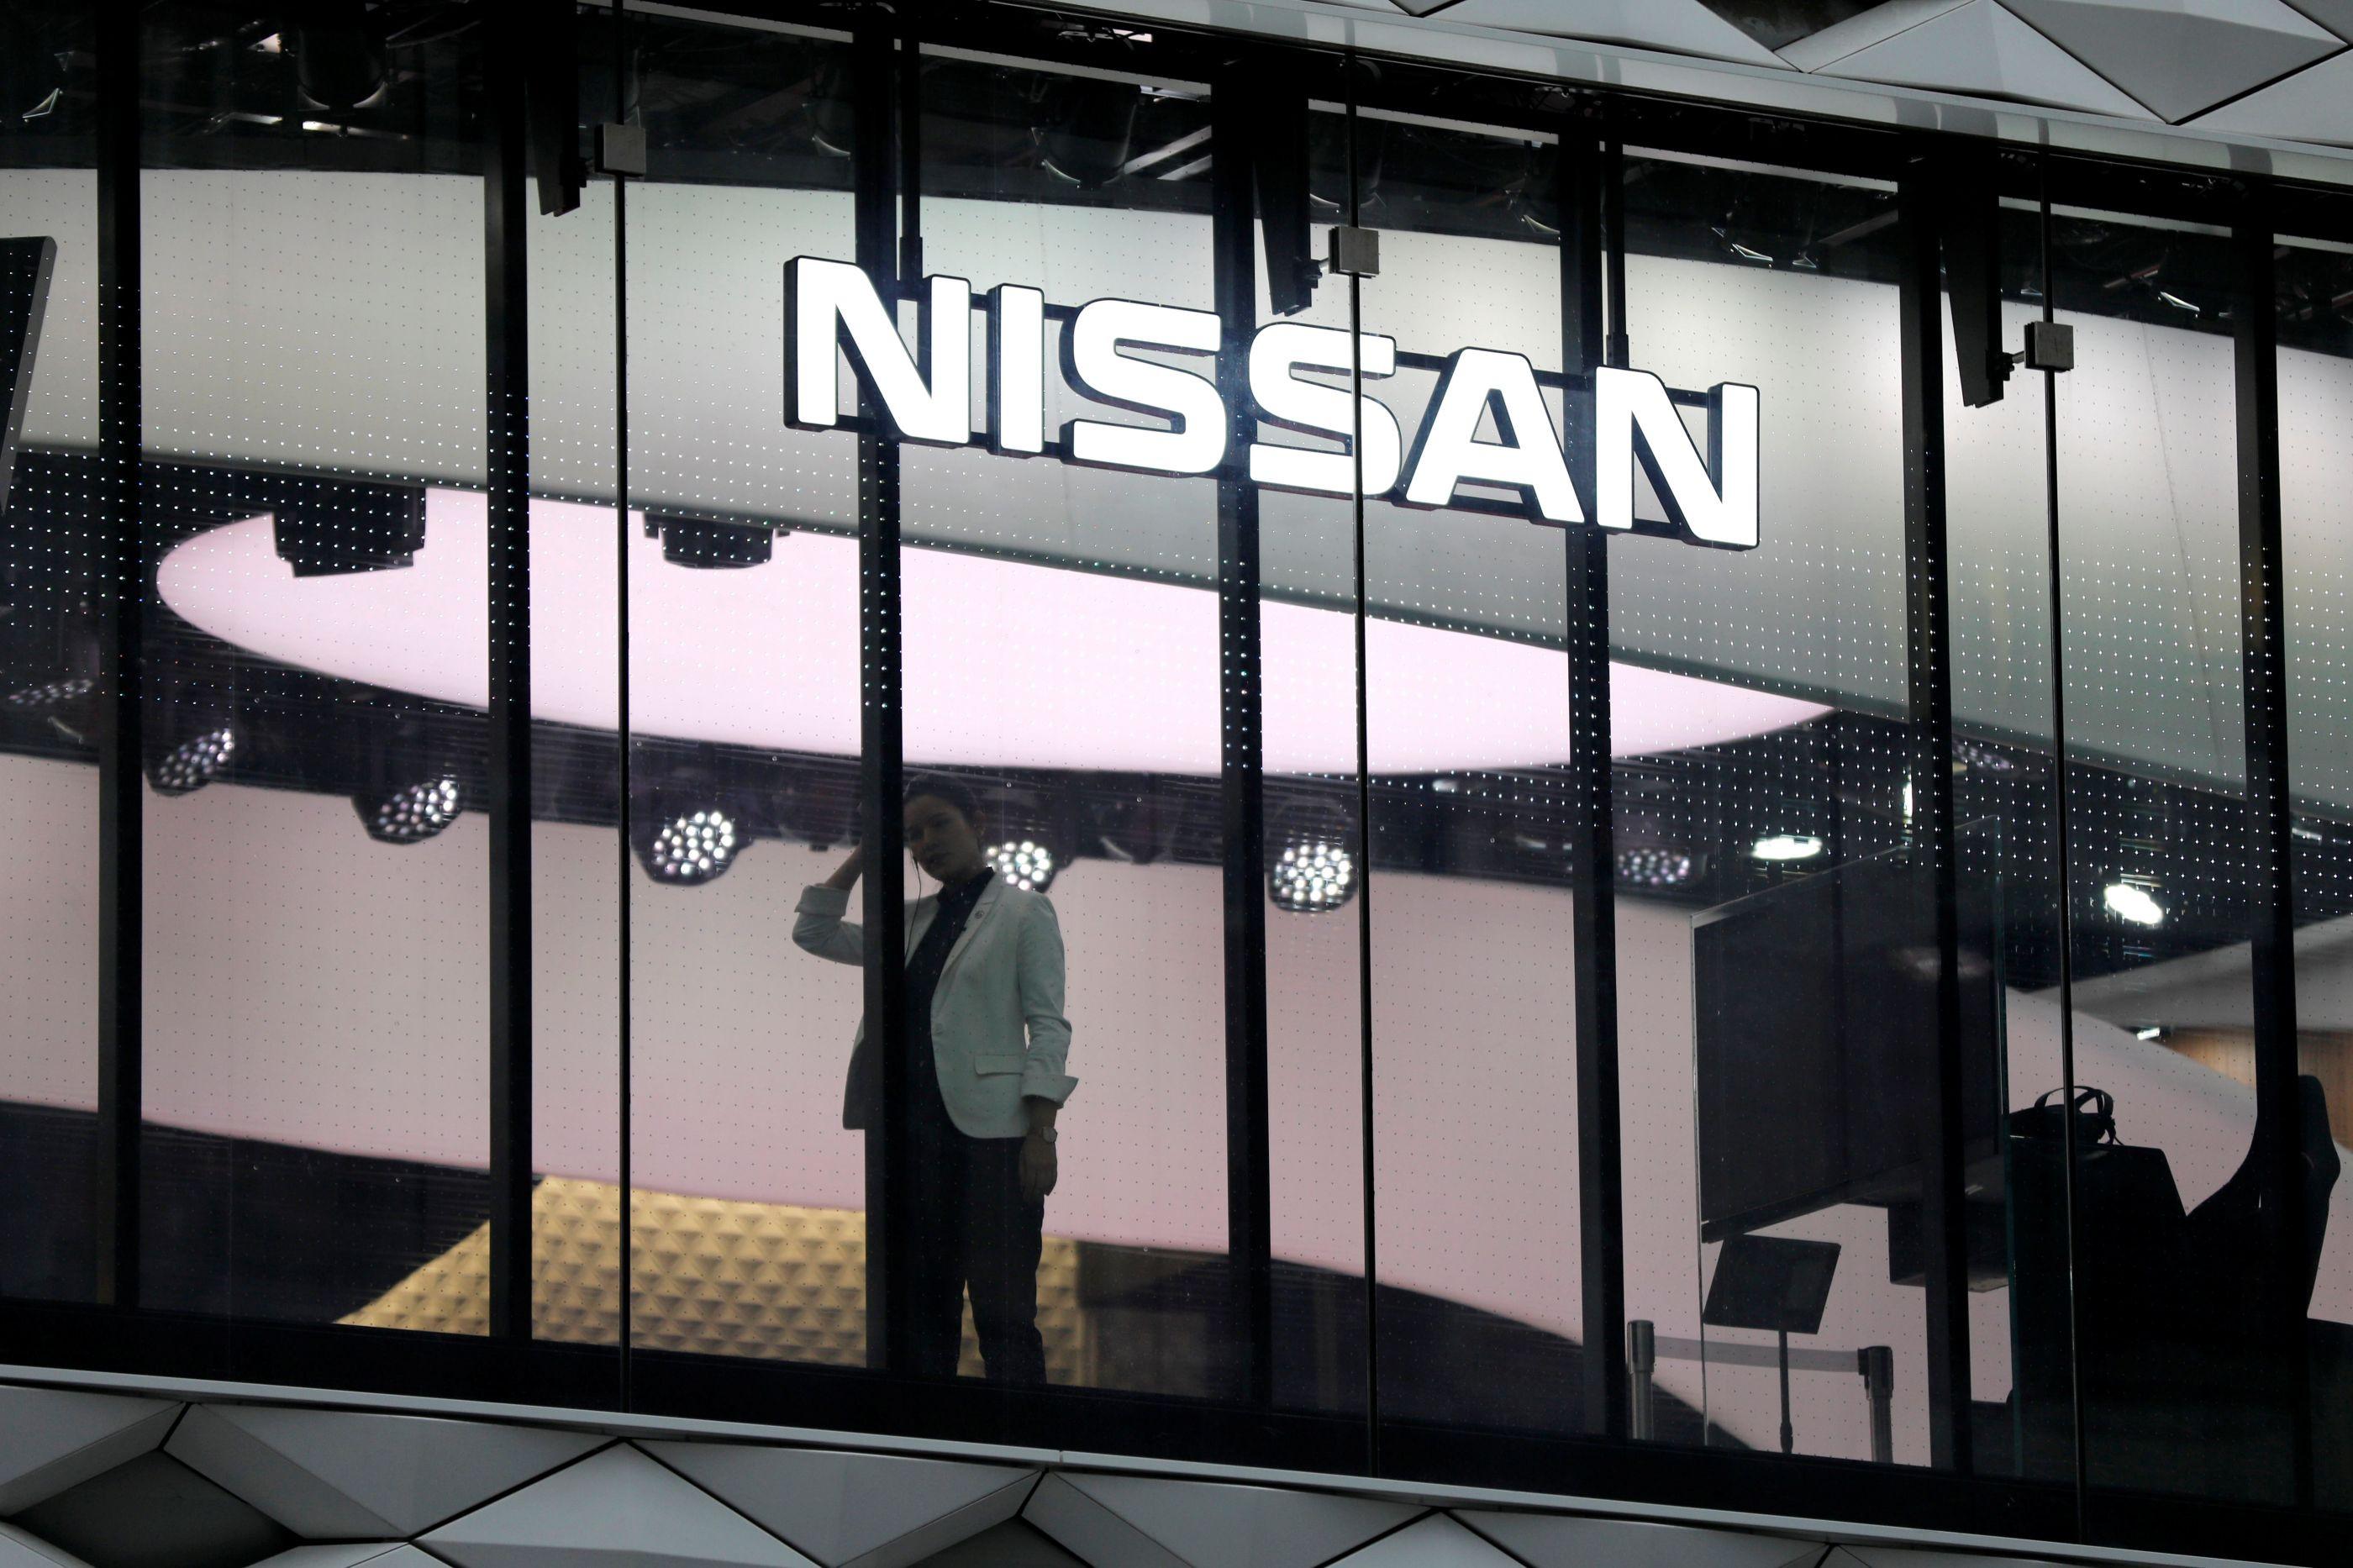 França e Japão defendem aliança Renault-Nissan após detenção de Ghosn